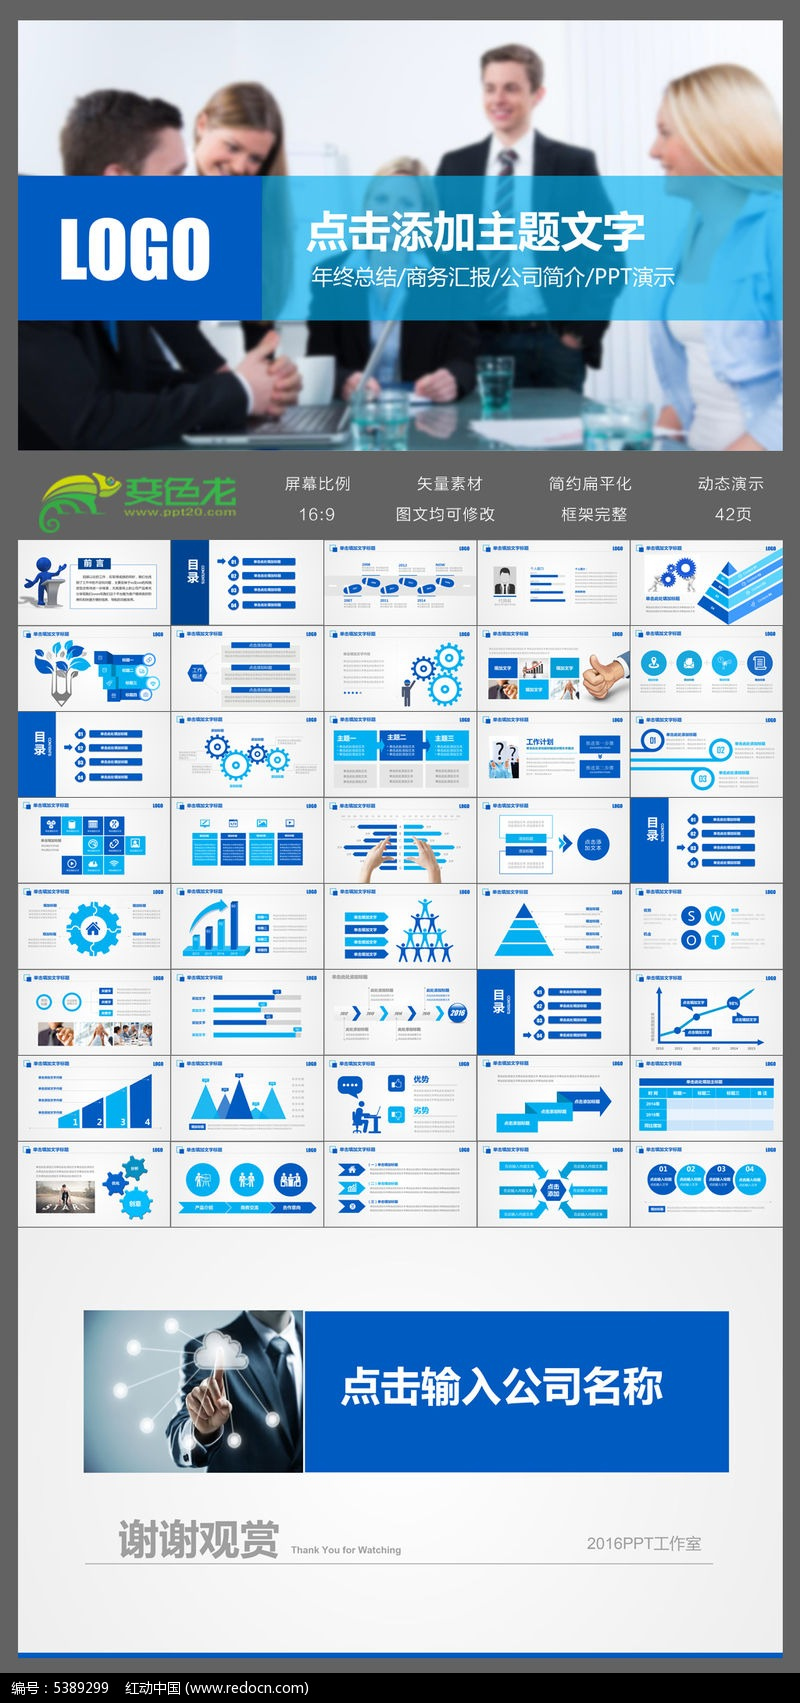 2016工作计划年终总结ppt模板pptx素材下载_商务贸易